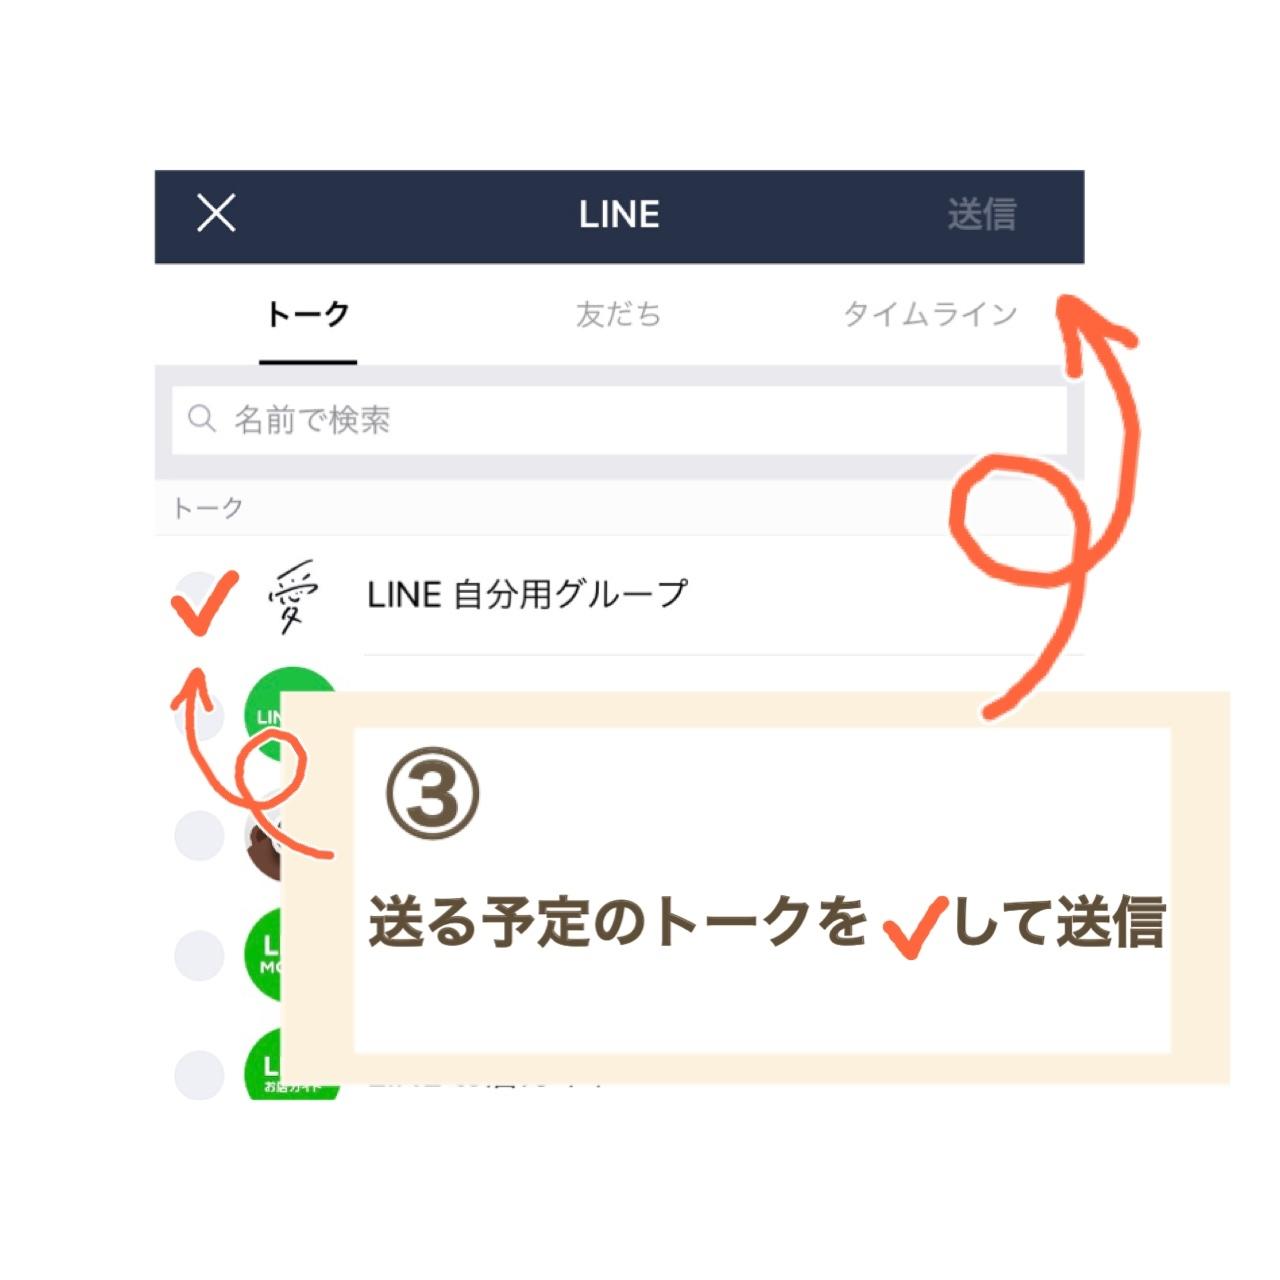 知って得するLINEの便利機能✧︎_1_3-2